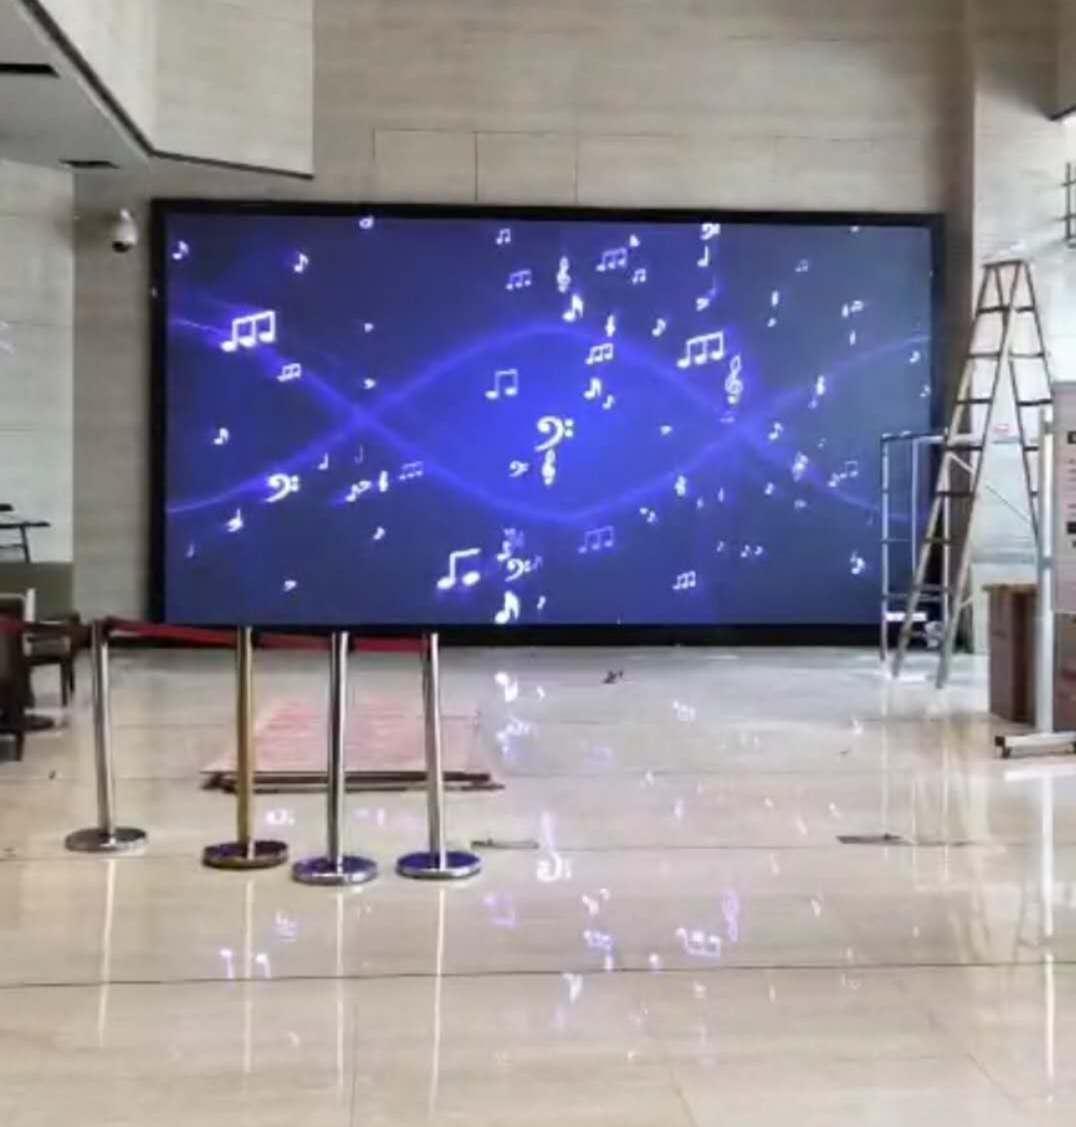 襄阳显示屏维修人员解析LED显示屏缺色改如何处理